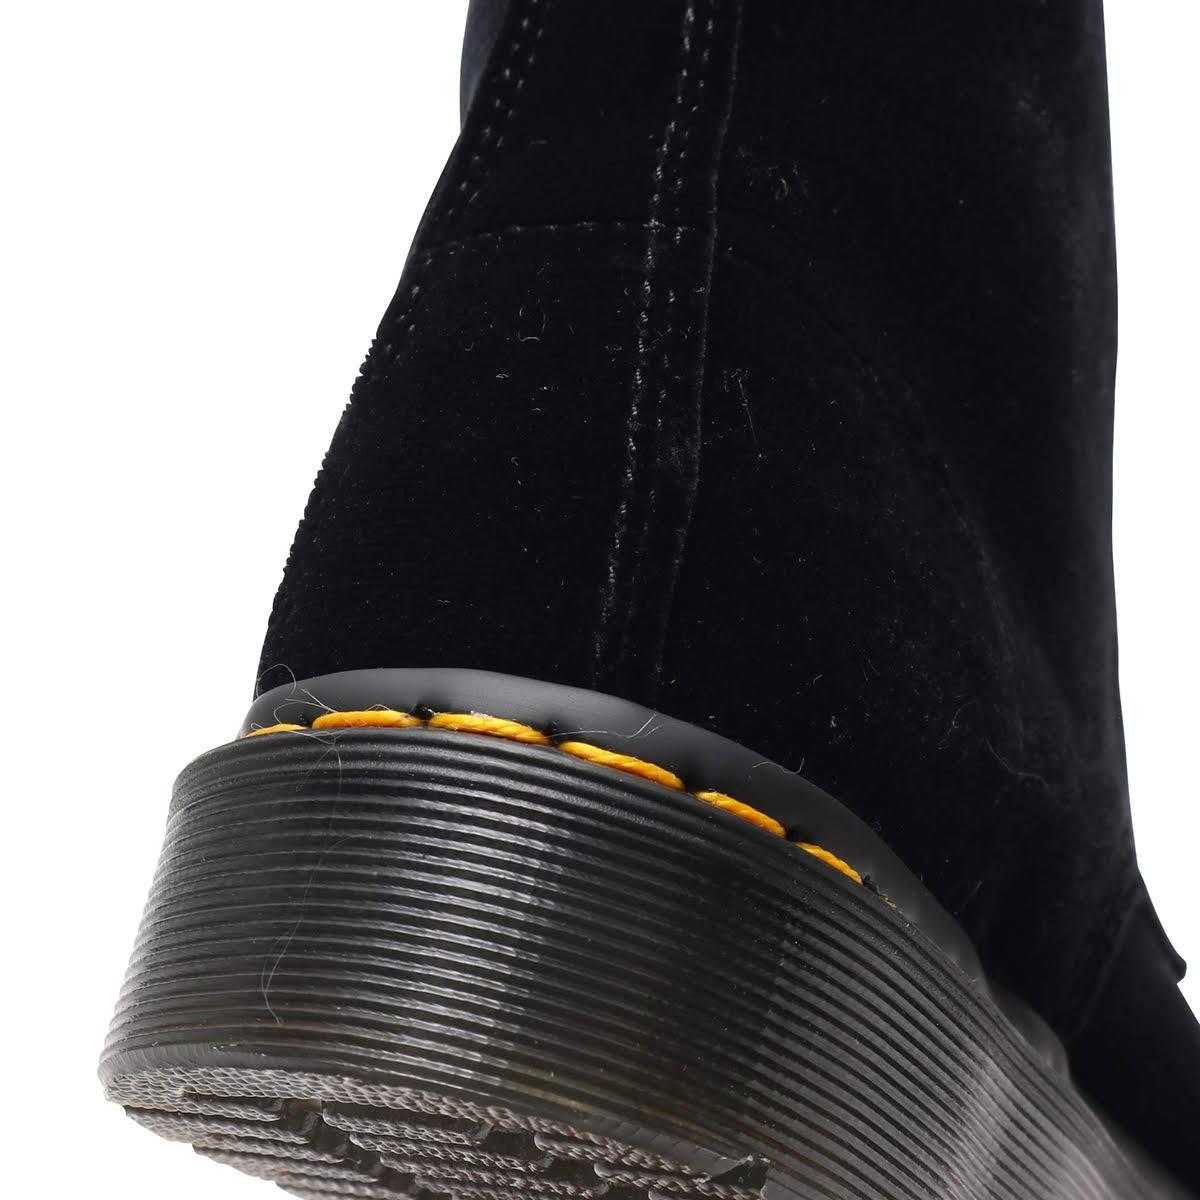 Dr Martens 1460 Pascal Velvetドクターマーチン 1460 パスカル ベルベット Black メンズ レディース ブーツ 18FW IcSRjq534AL